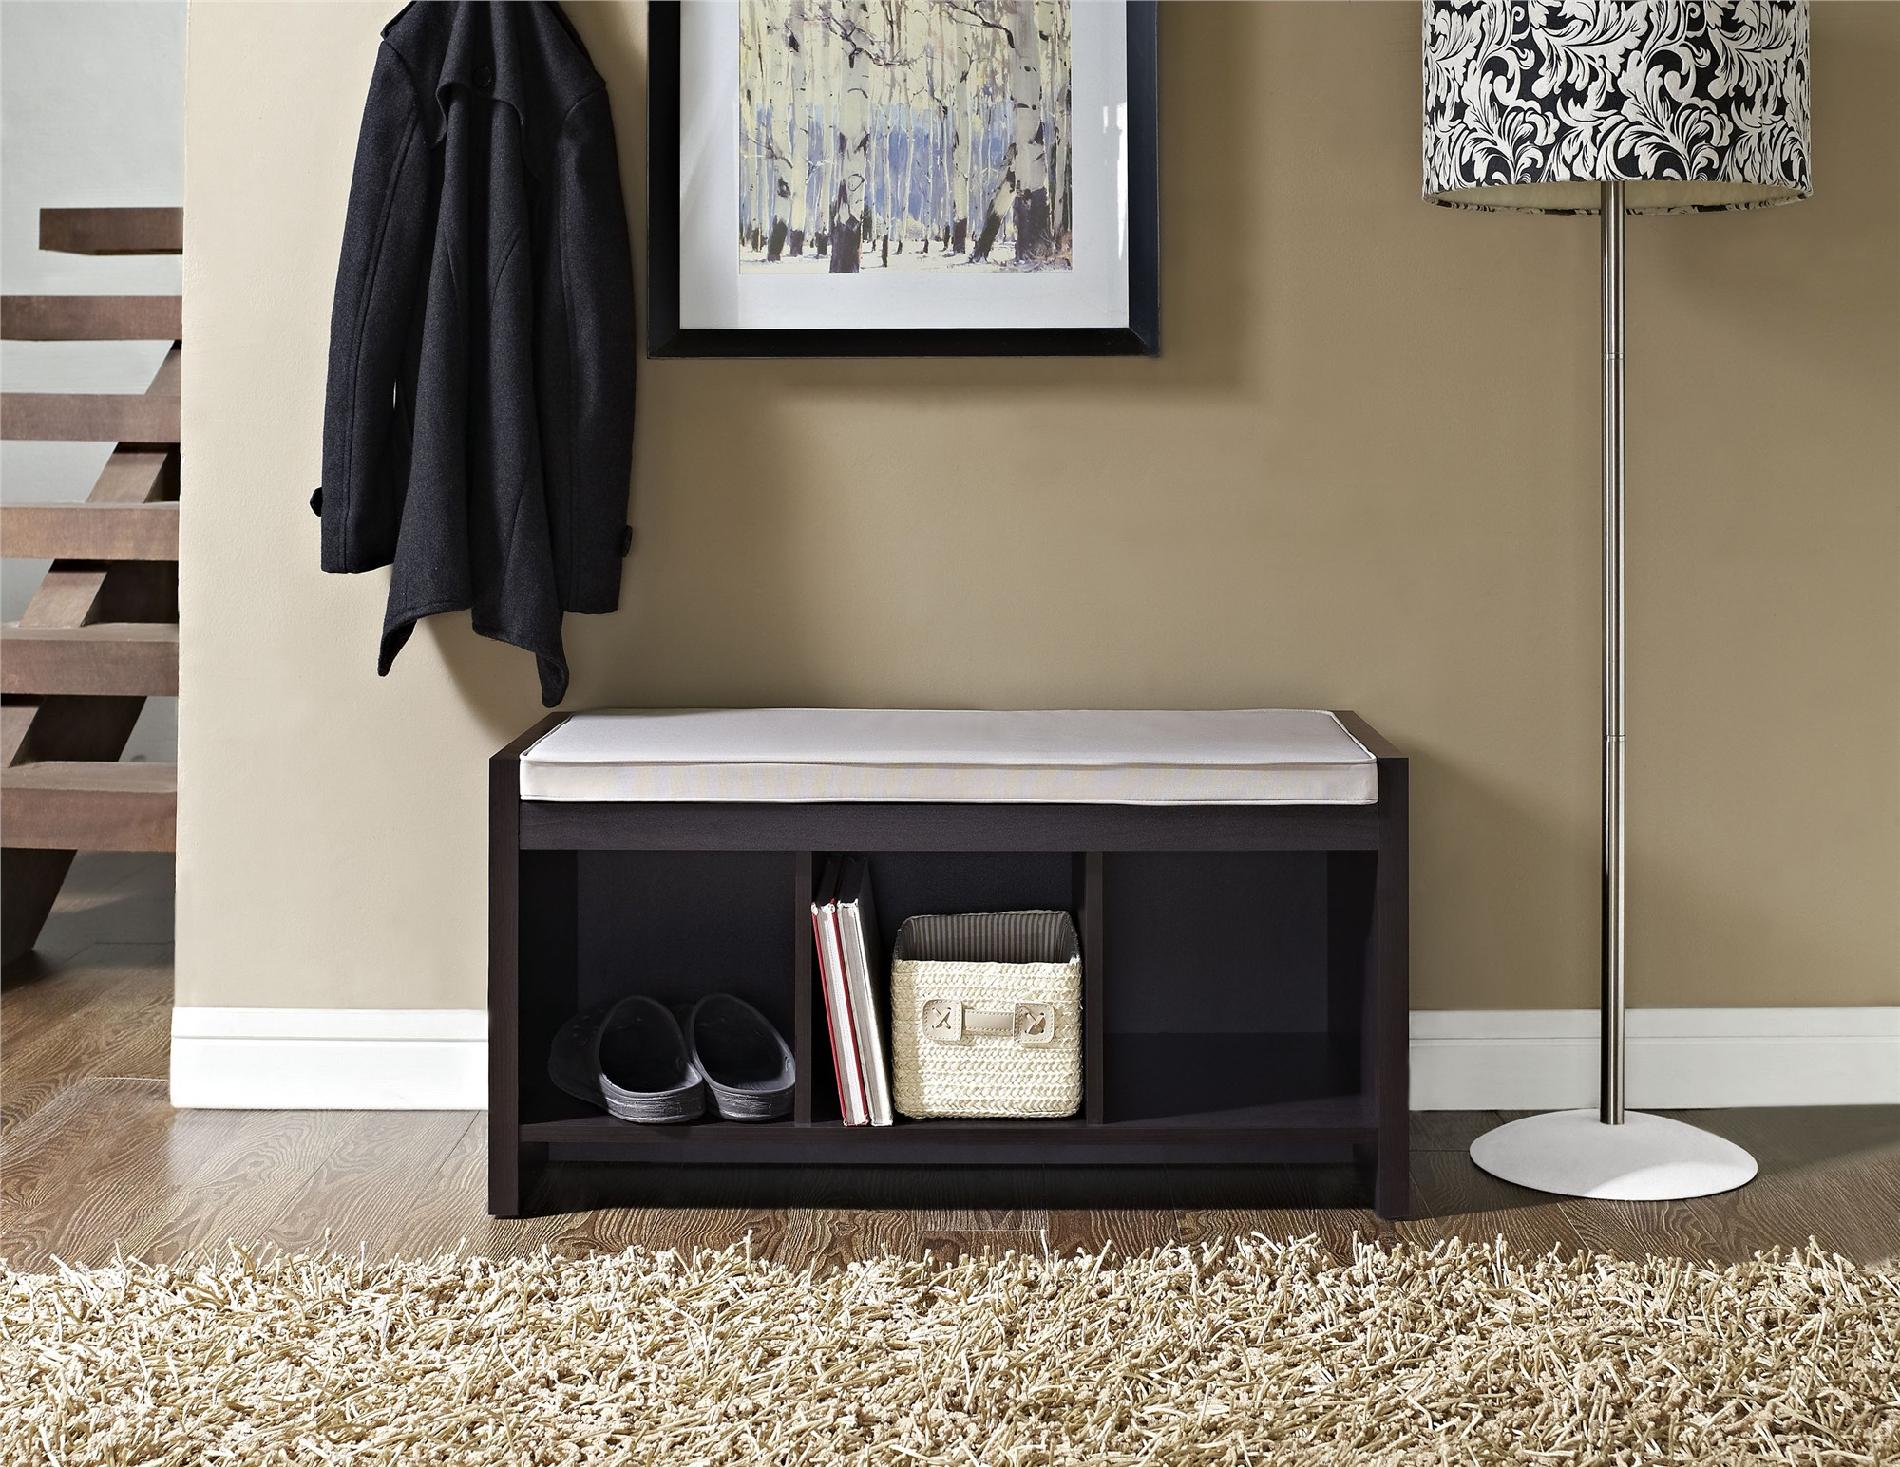 Dorel Penelope Espresso Entryway Storage Bench with Cushion